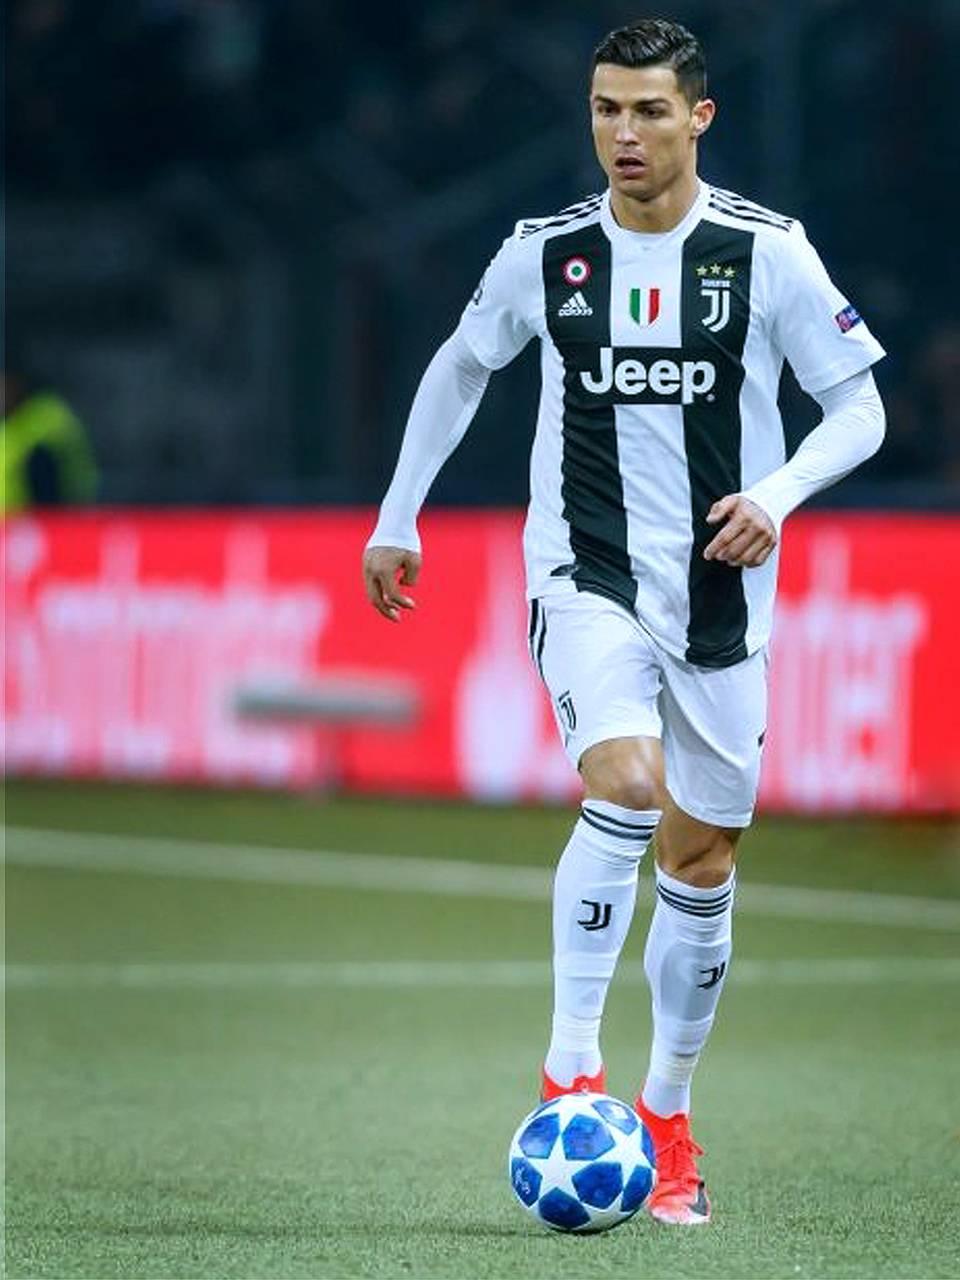 CR7 Juventus Home